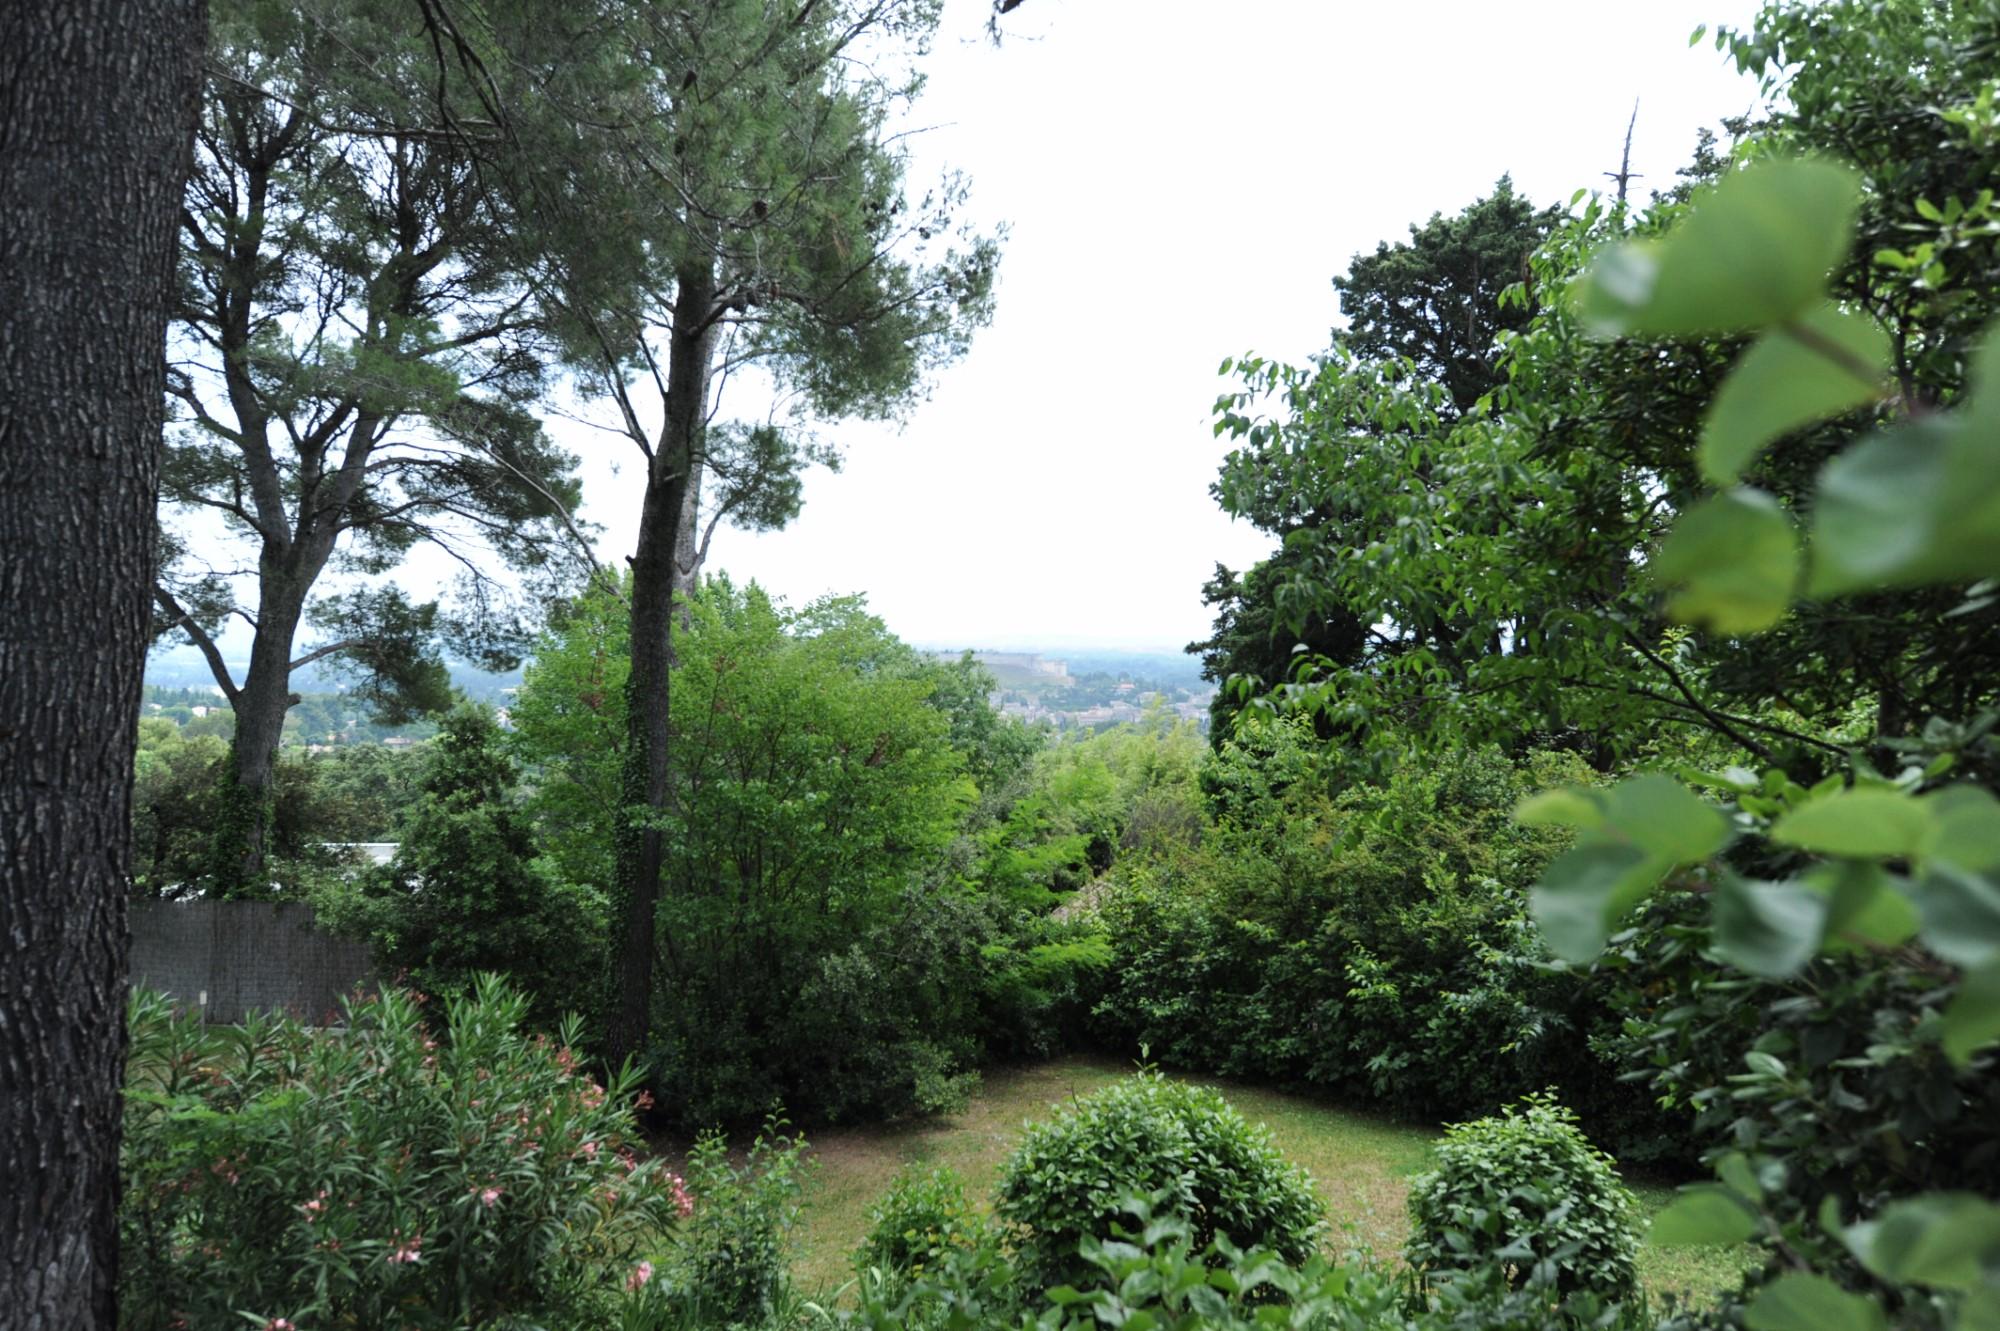 A vendre à Villeneuve-lès-Avignon, villa avec piscine dans un écrin de verdure